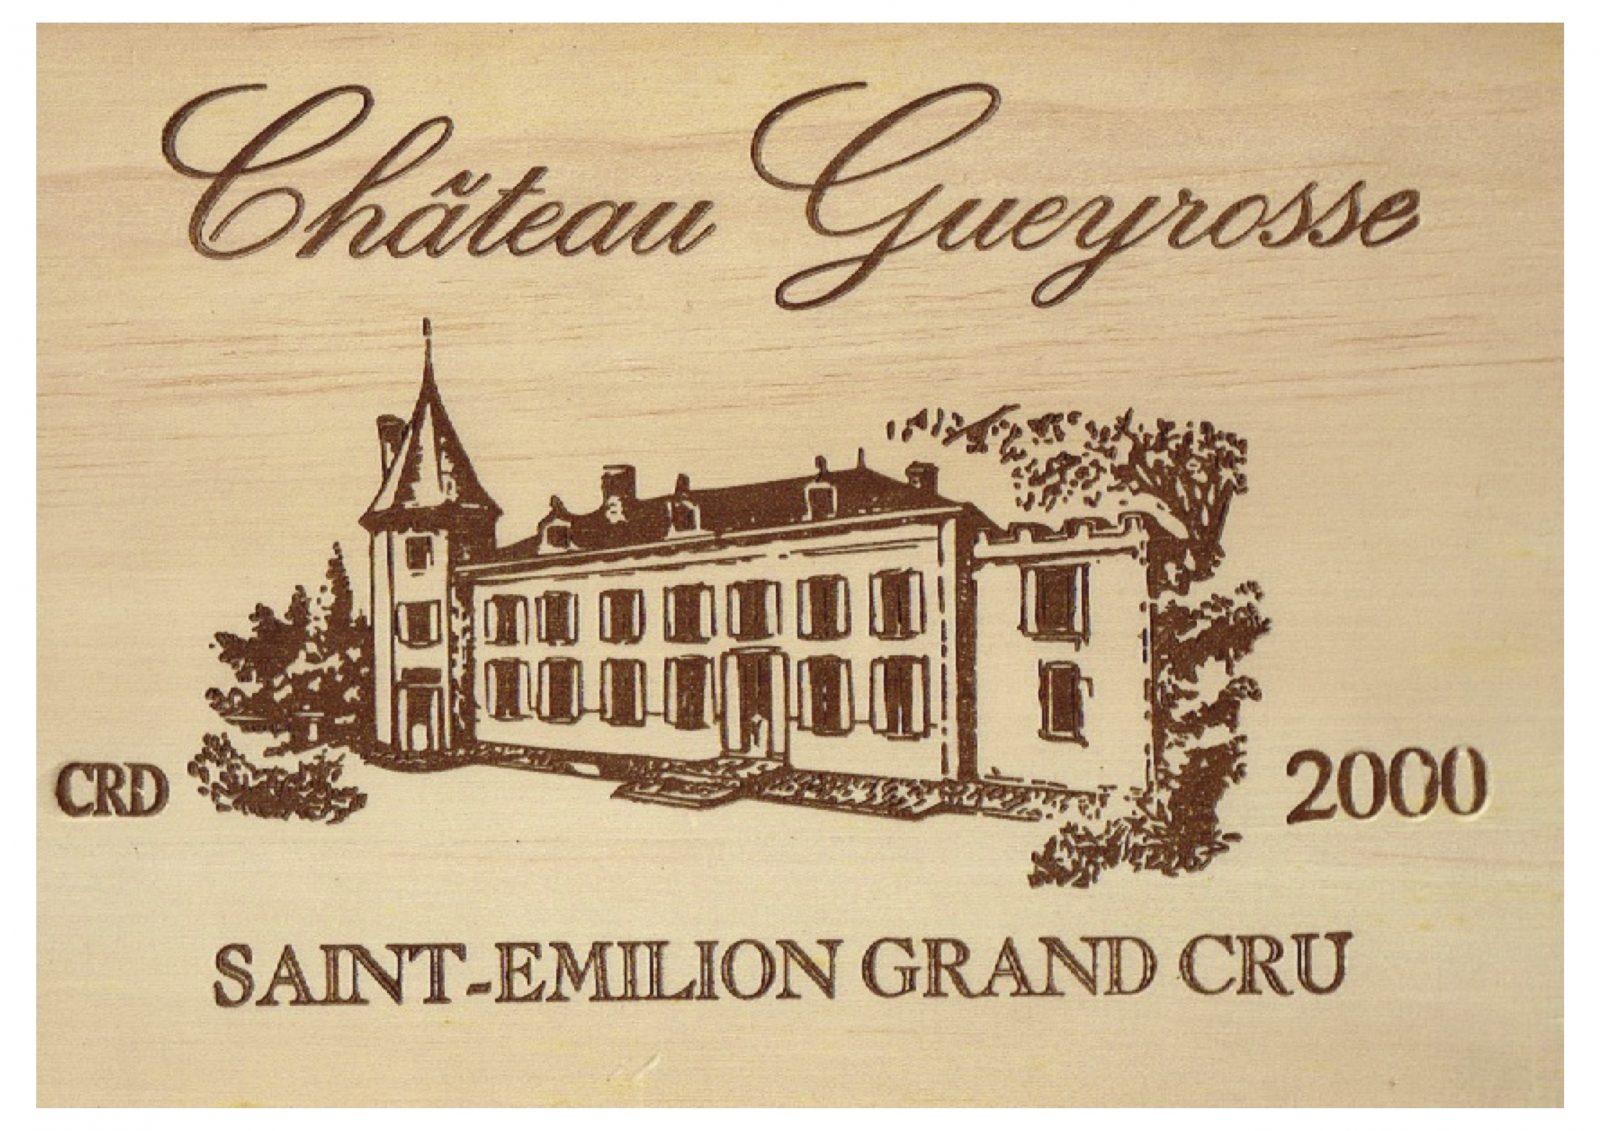 Etampe Château Gueyrosse